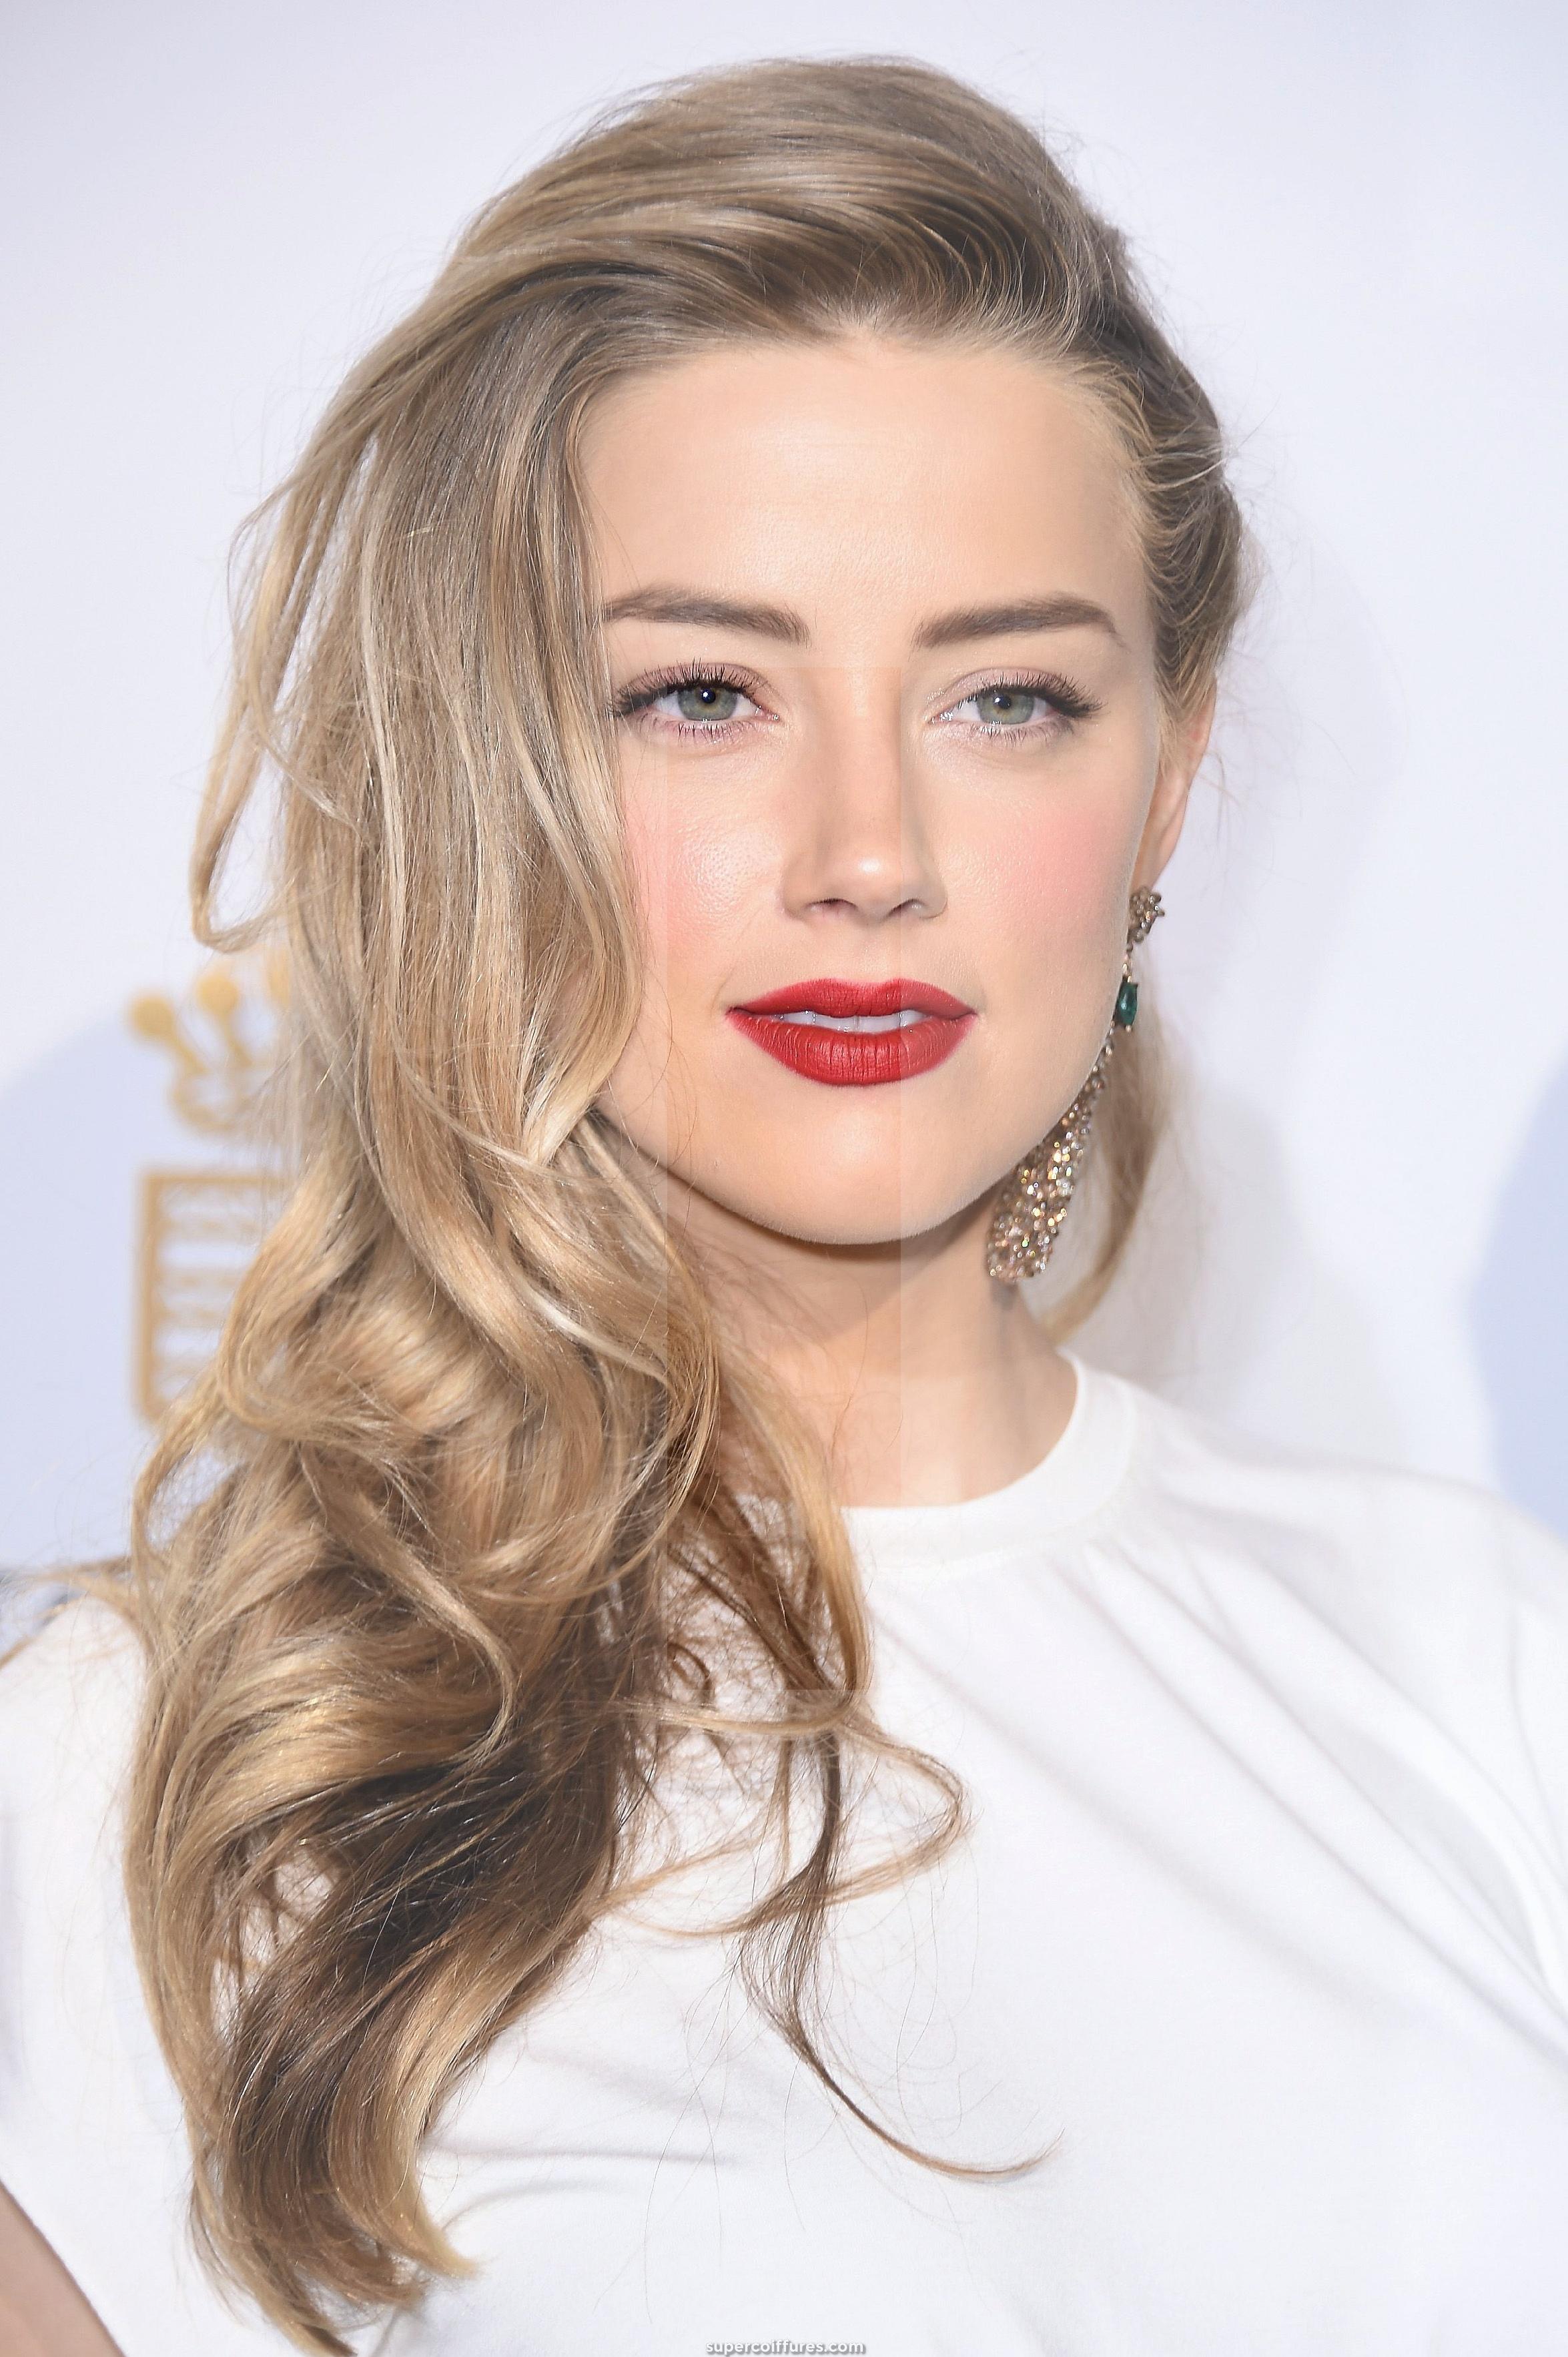 30 idées de cheveux blonds sales pour que les femmes soient attrayantes